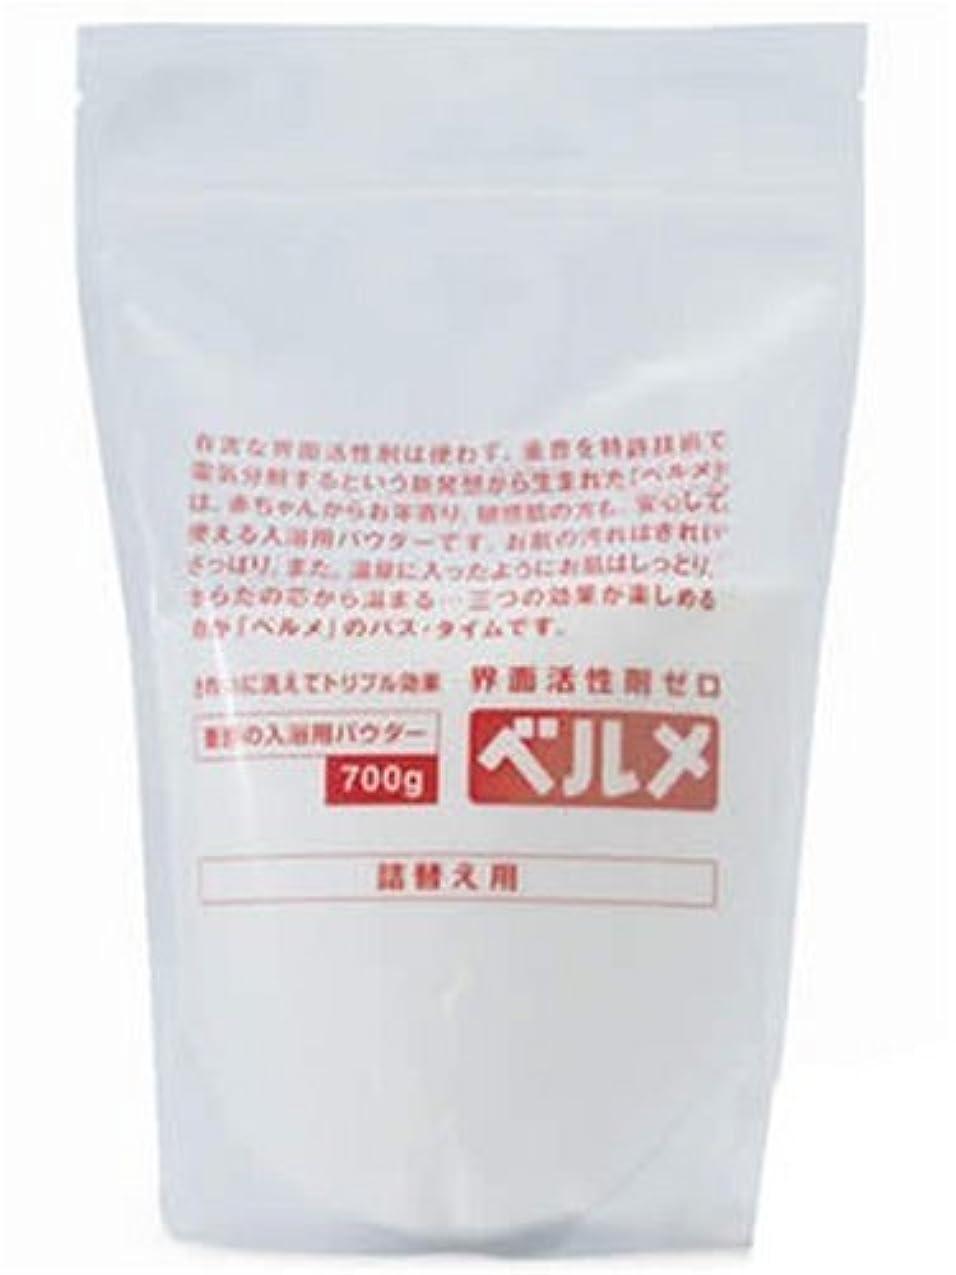 樫の木僕の資源ベルメ 重曹入浴用パウダー(界面活性剤ゼロ) 700g